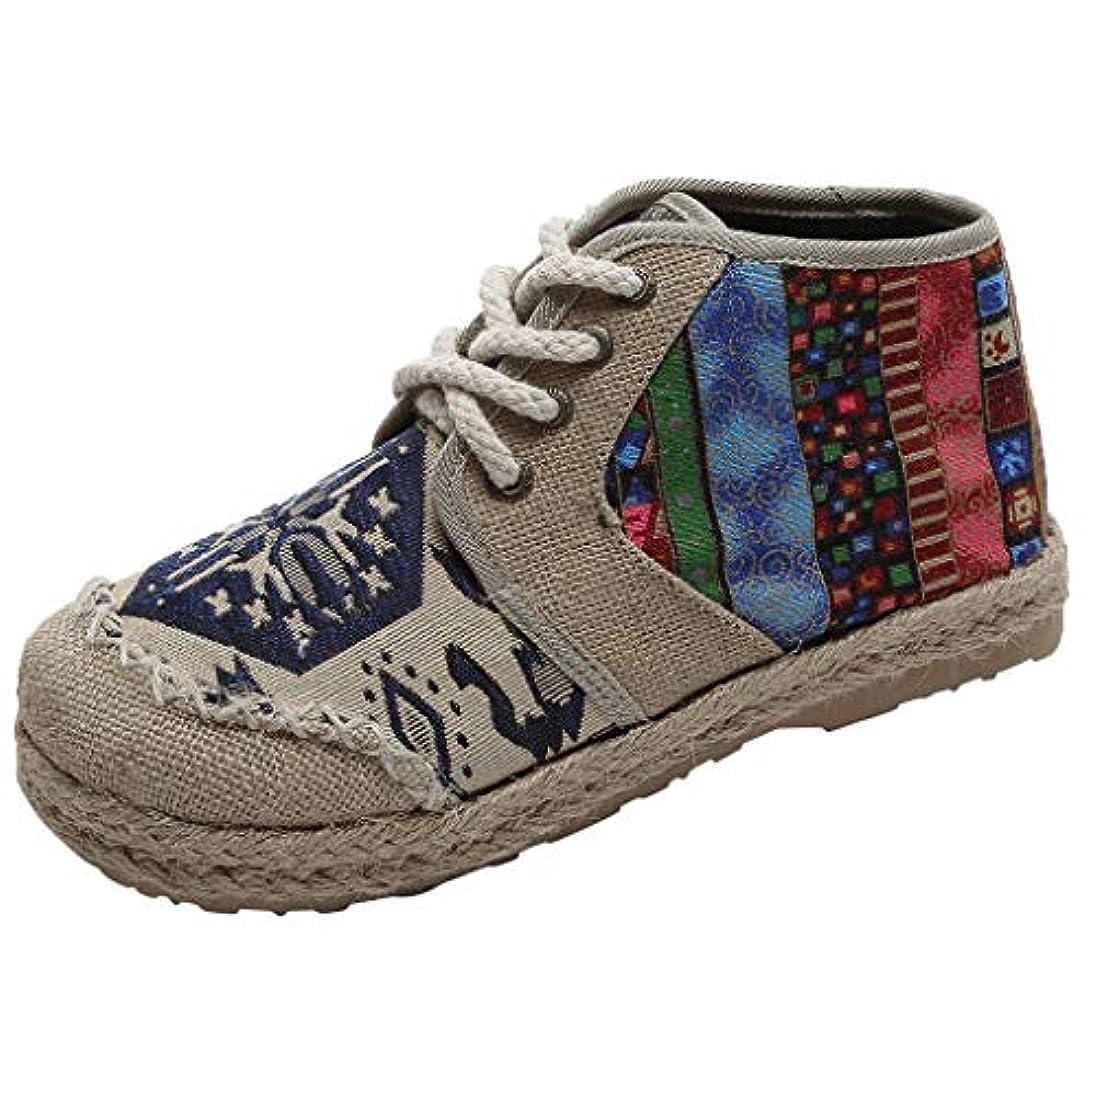 れんがパイプライン洗練[Sucute] 国立風の婦人靴 リネンレトロ 学生 カジュアル 大型 シングルシューズ 高い助け ファッショントレンド 海沿いの旅行に適しています (35-43)